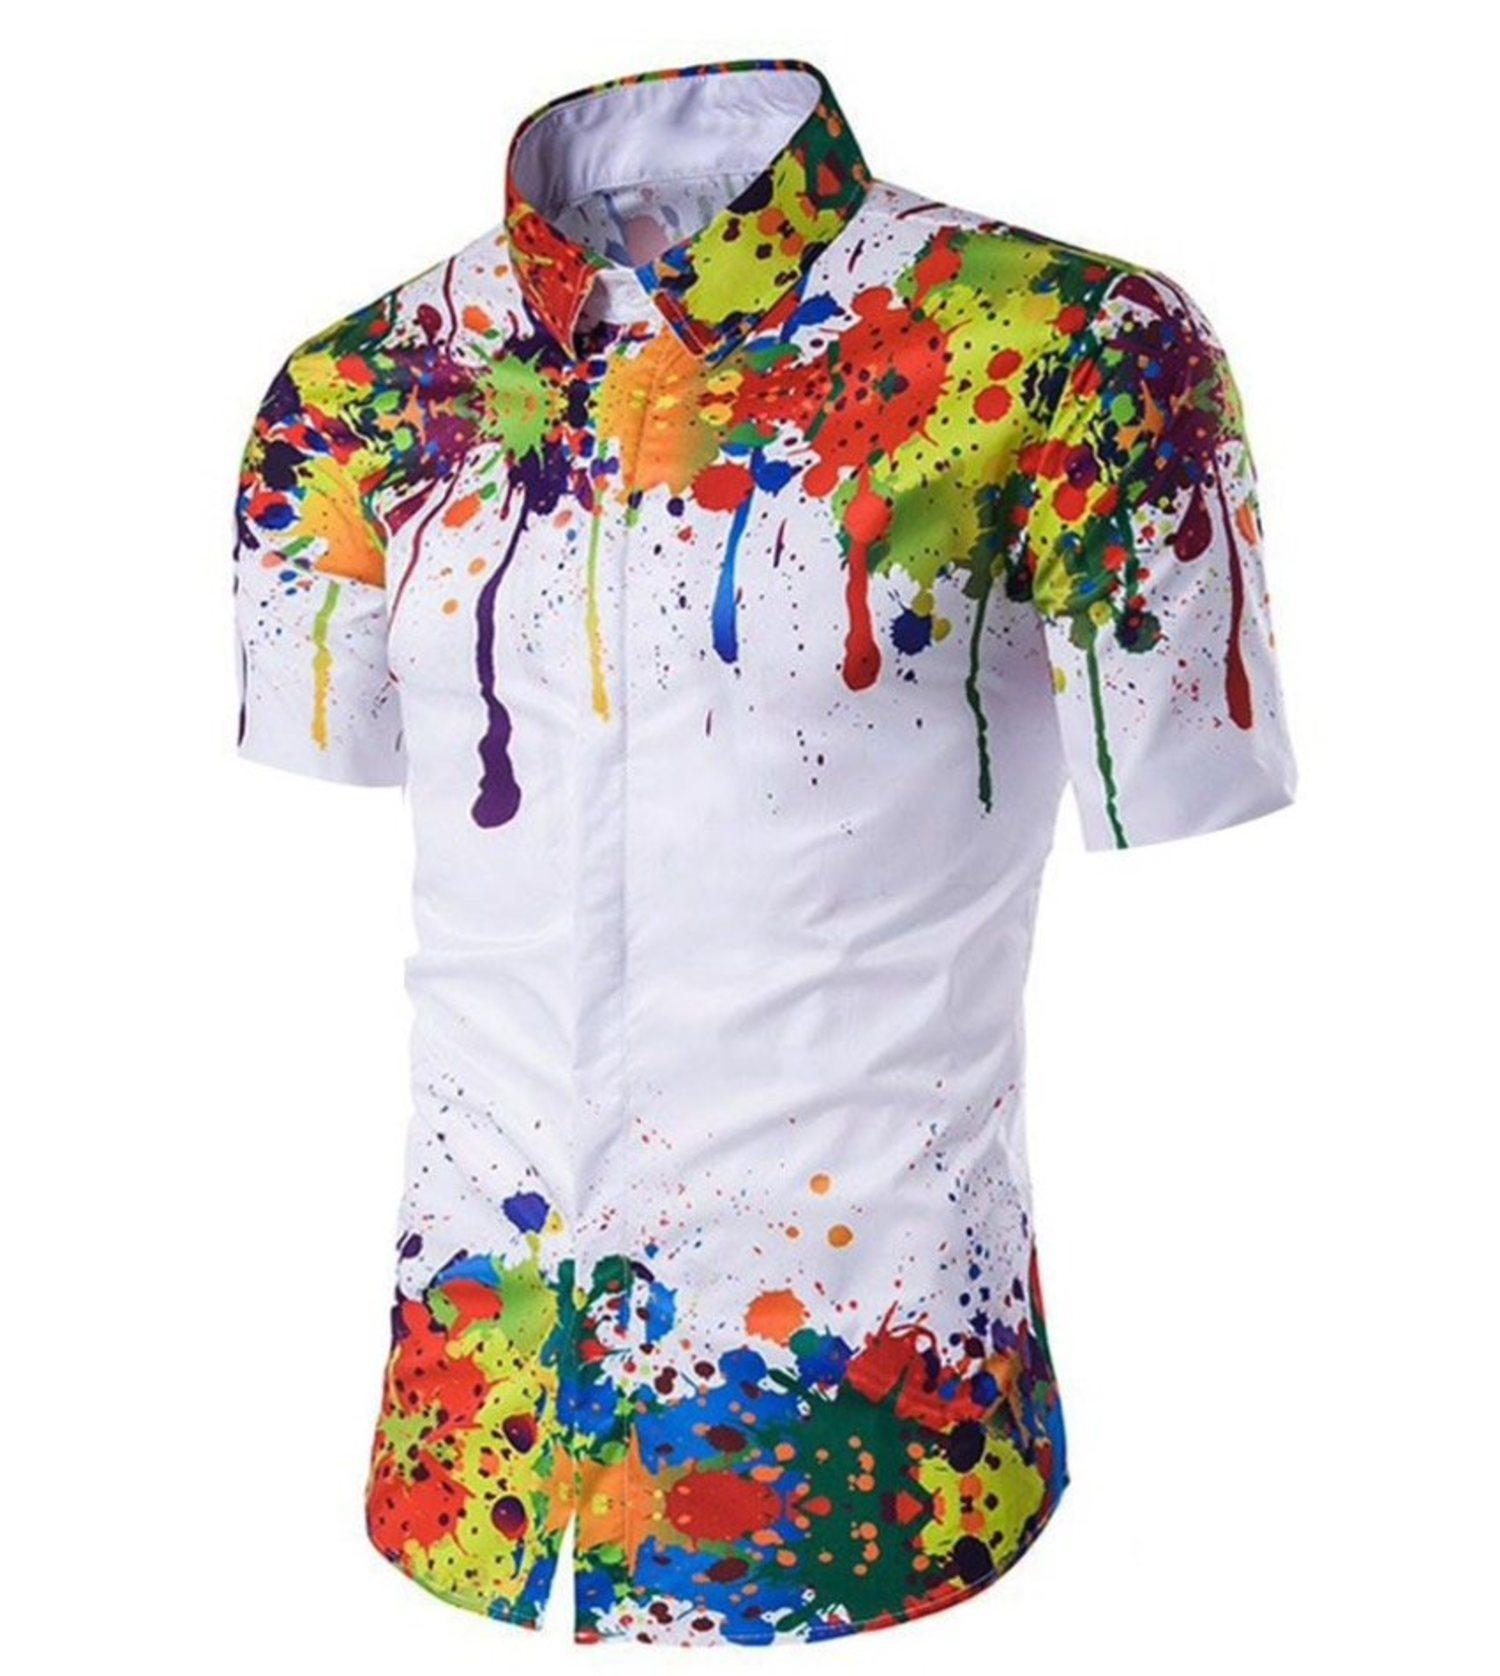 Si eres propenso a mancharte, en esta camisa se camuflará sin ningún problema